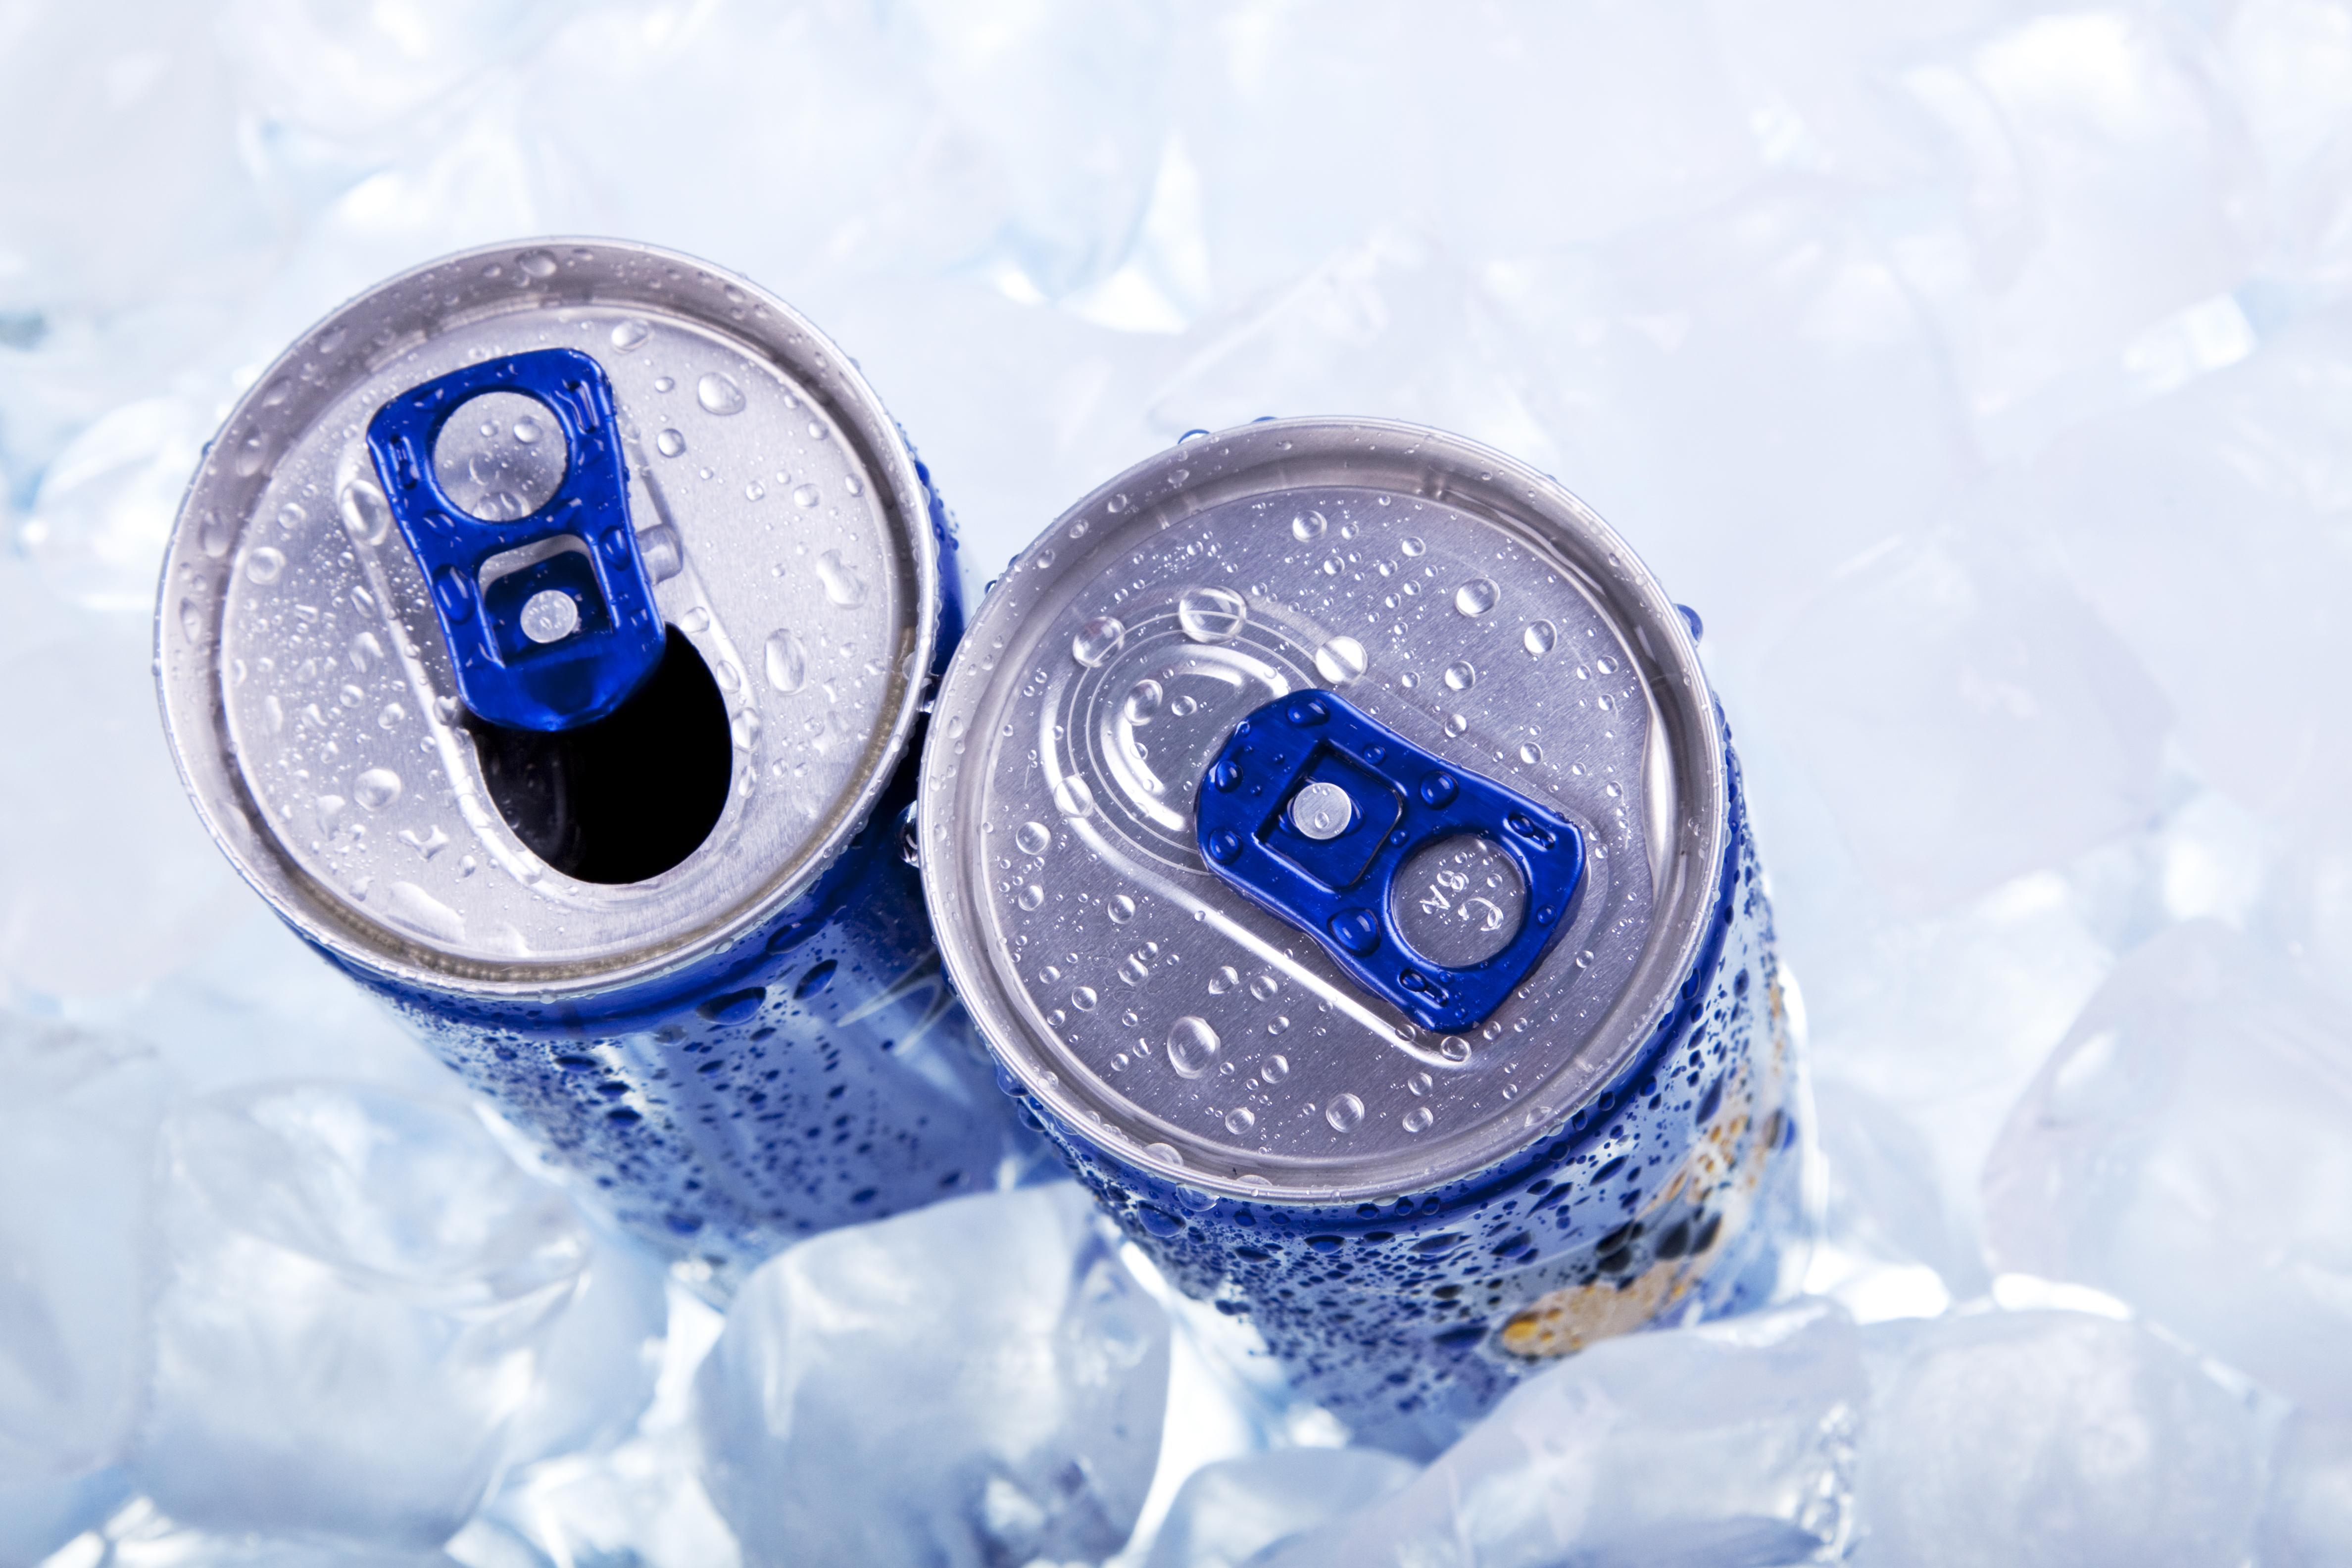 <p>Енергийни напитки Не може да се отрече, че енергийните напитки могат да ви осигурят краткосрочно повишаване на енергията. Дори някои проучвания показват, че енергийните напитки могат да повишат концентрацията и паметта с около 24%. В състава им обаче често е включен коктейл от стимулиращи съставки. Изследователите приписват ефекта, който те оказват върху енергията ни най-вече на захарта и кофеина, които съдържат. А както споменахме по-рано, консумацията на големи количества добавени захари може да доведе до скок на енергията ви, след което тя рязко да спадне и да ви накара да се почувствате по-уморени от преди да консумирате напитката.</p>